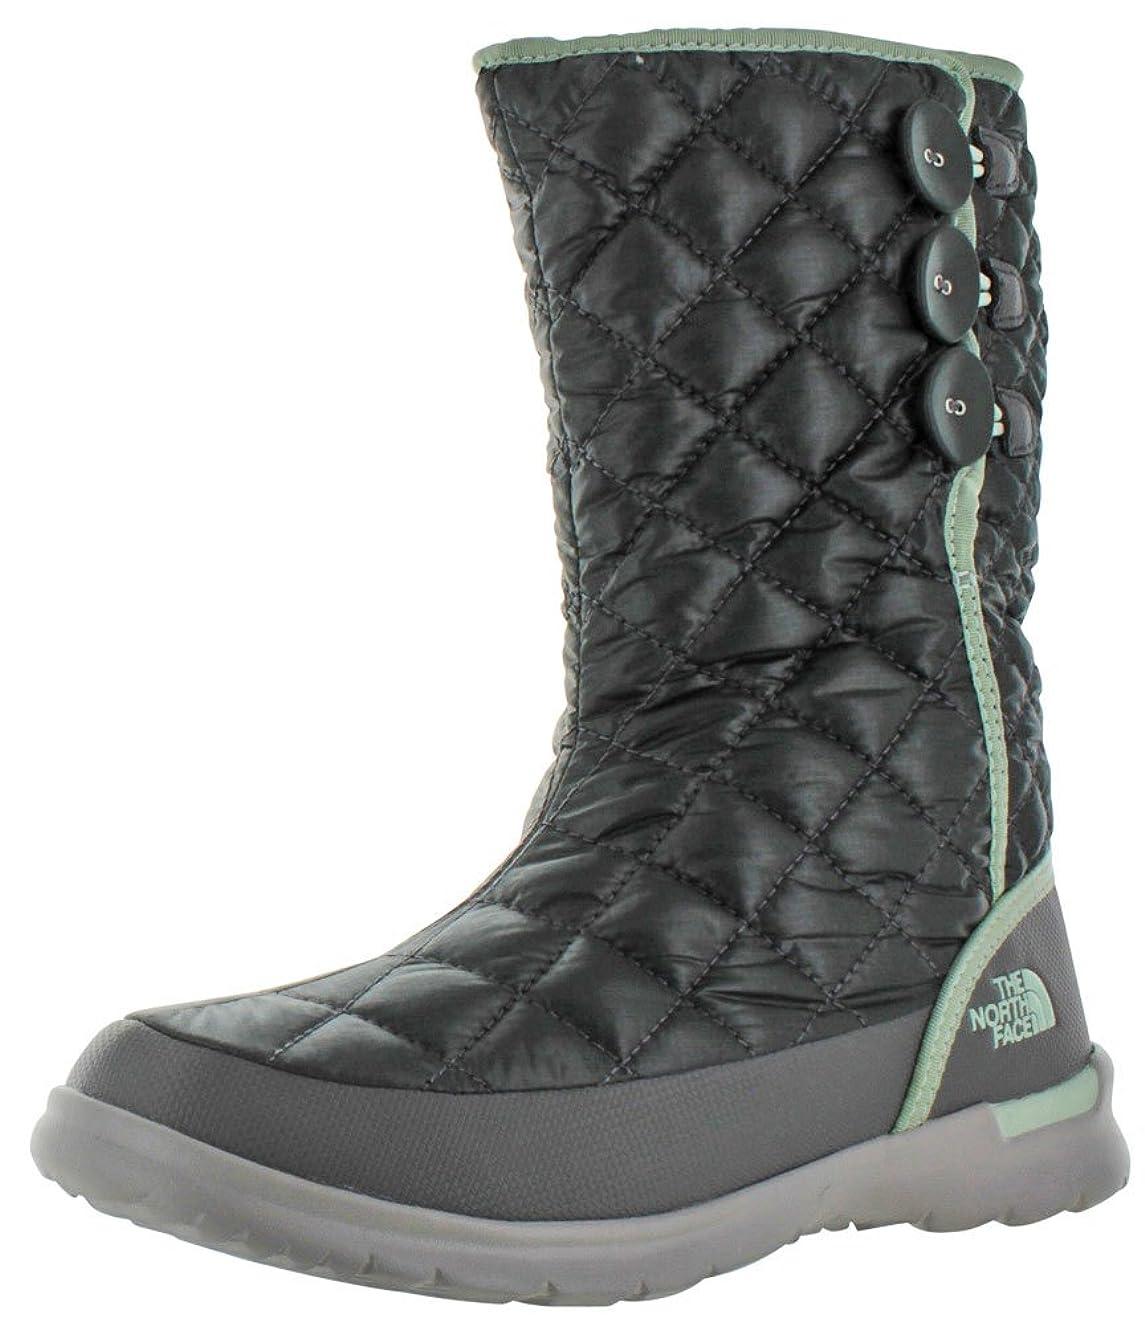 放射性シャイちょっと待ってThe North Face Womens Thermoball Button Up Round Toe Cold Weather Boots, Green, Size 9